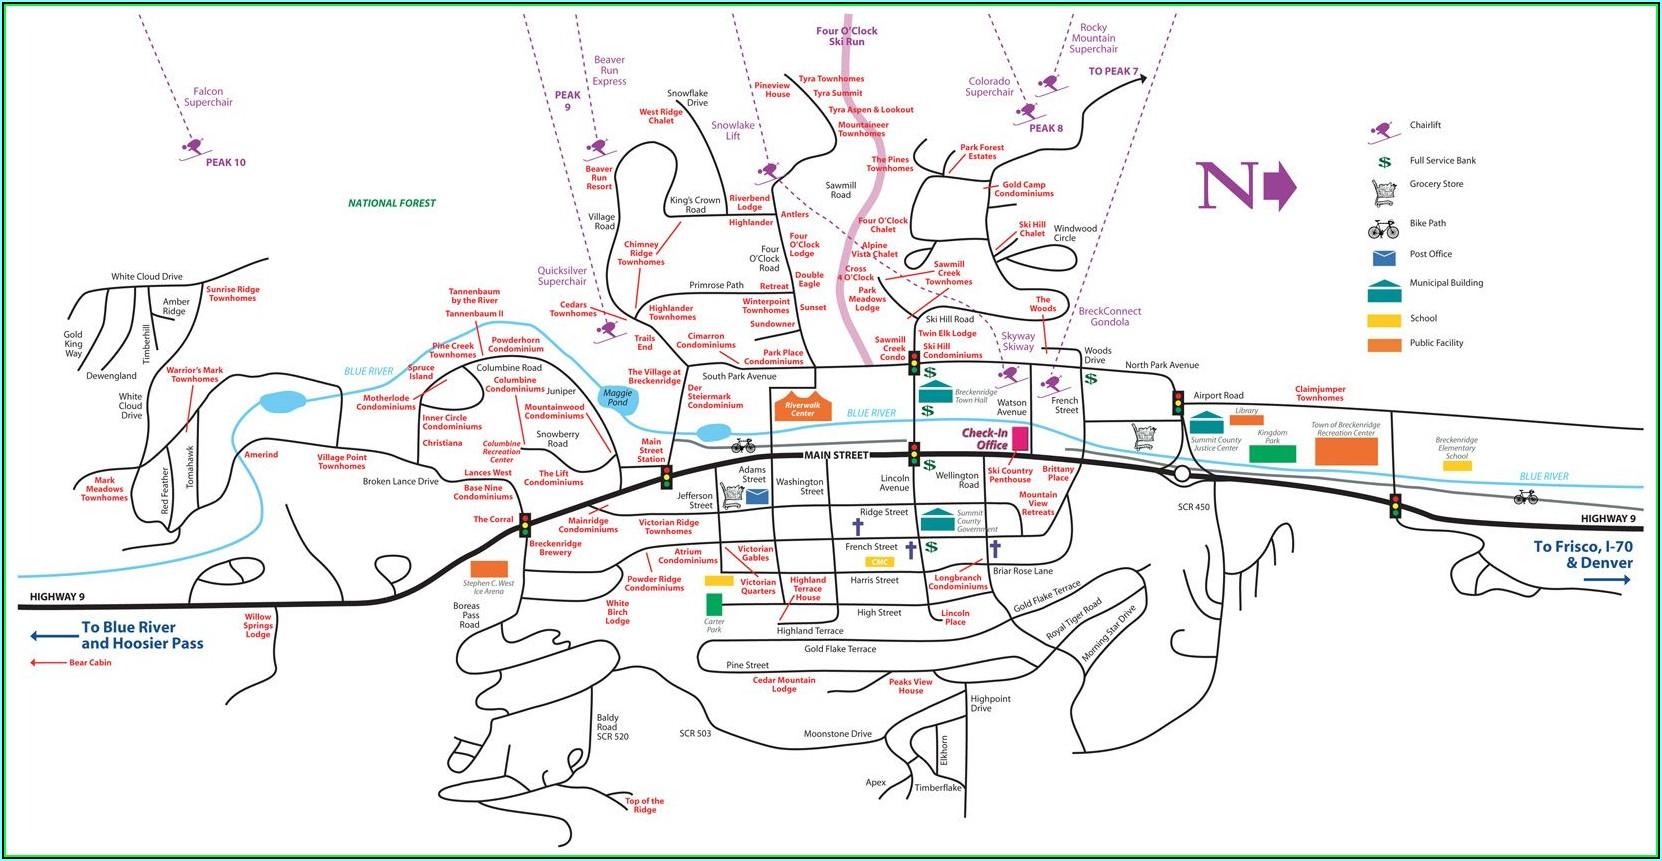 Breckenridge Condo Map